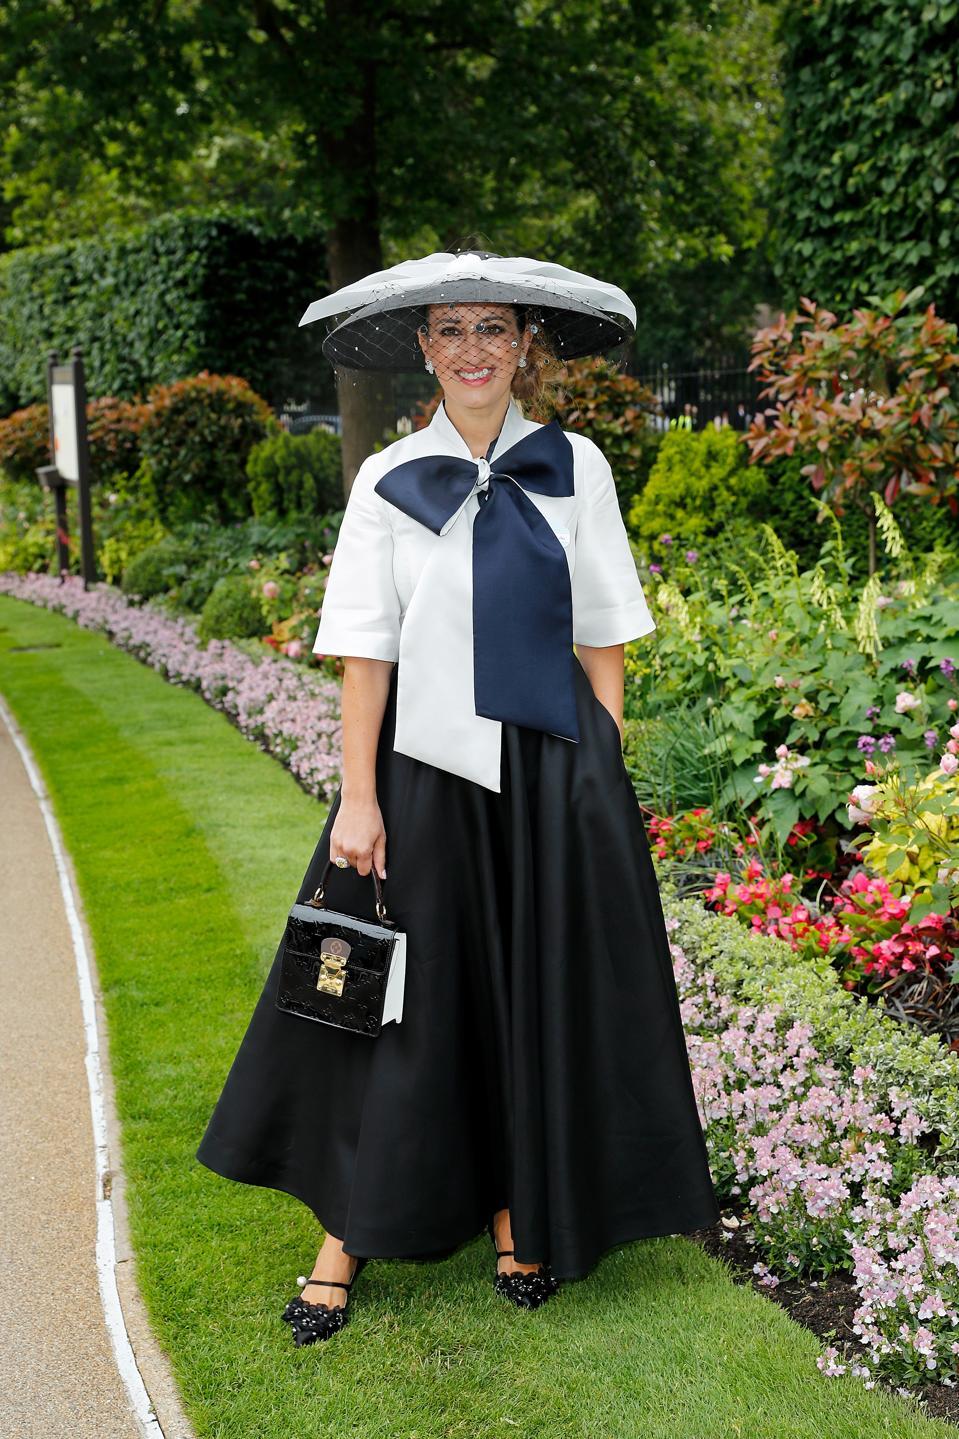 Royal Ascot 2019 - Fashion, Day 2